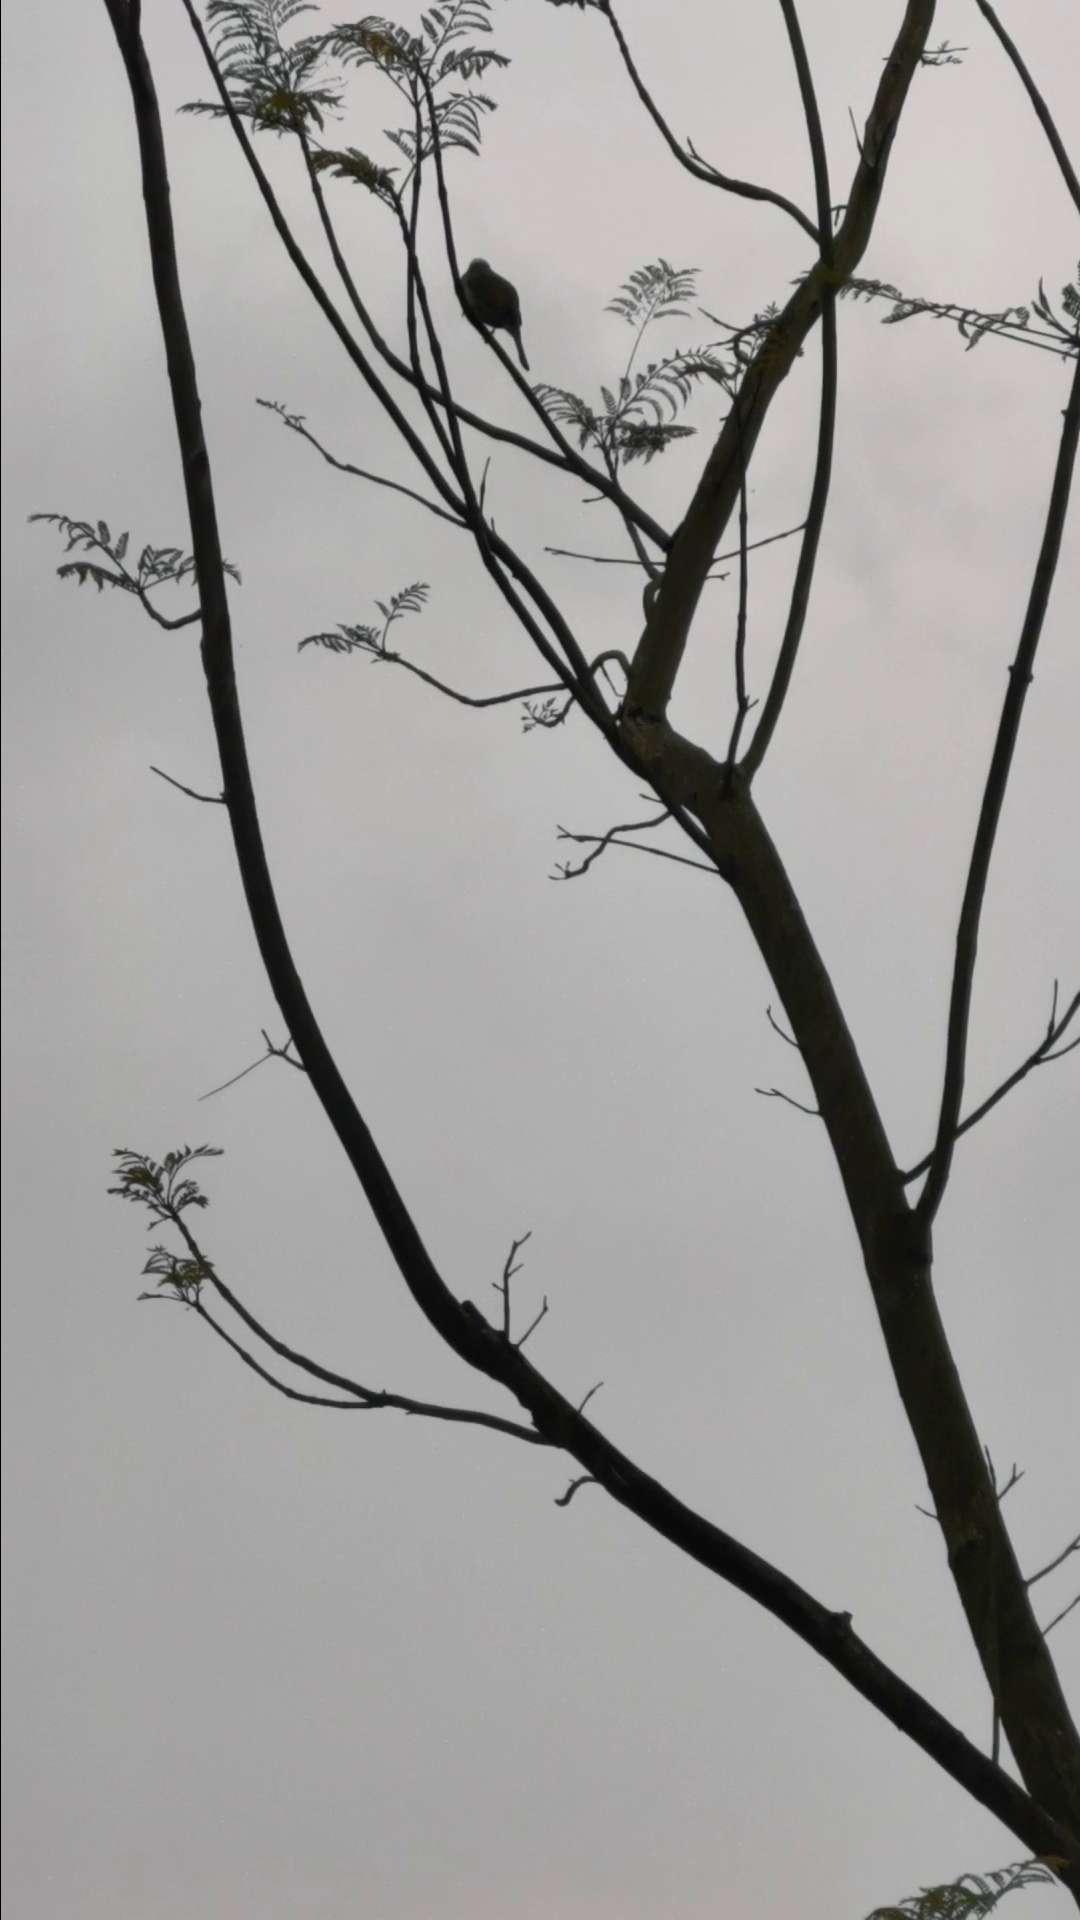 小鸟在树上唱歌,花粉随手拍-花粉俱乐部